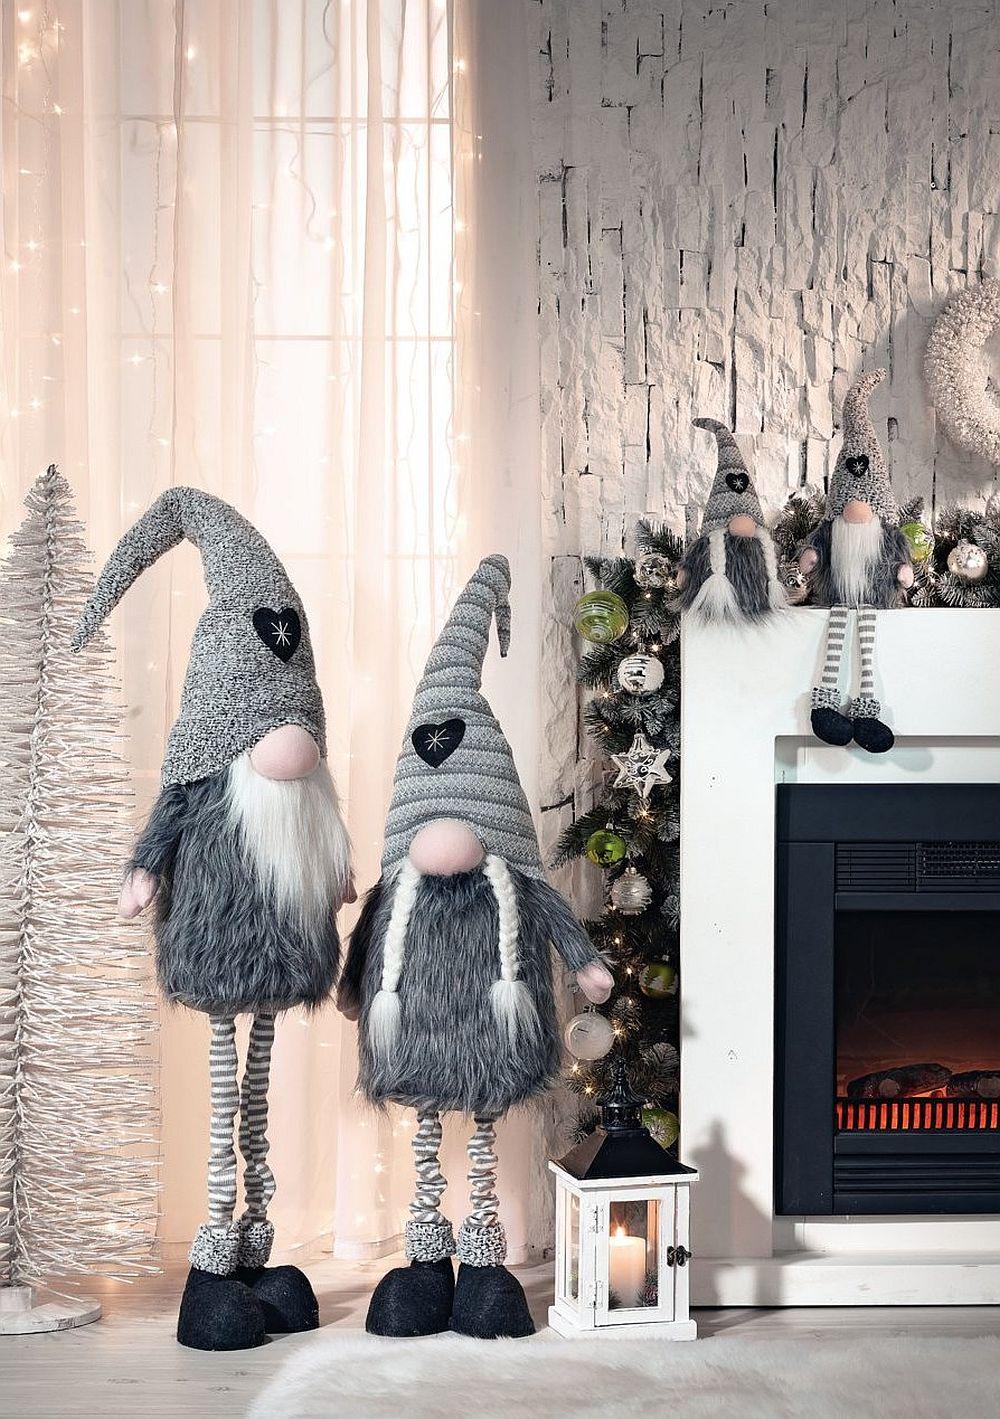 Brăduți argintii sau albi, dar și multe alte decorațiuni de Crăciun vezi AICI.